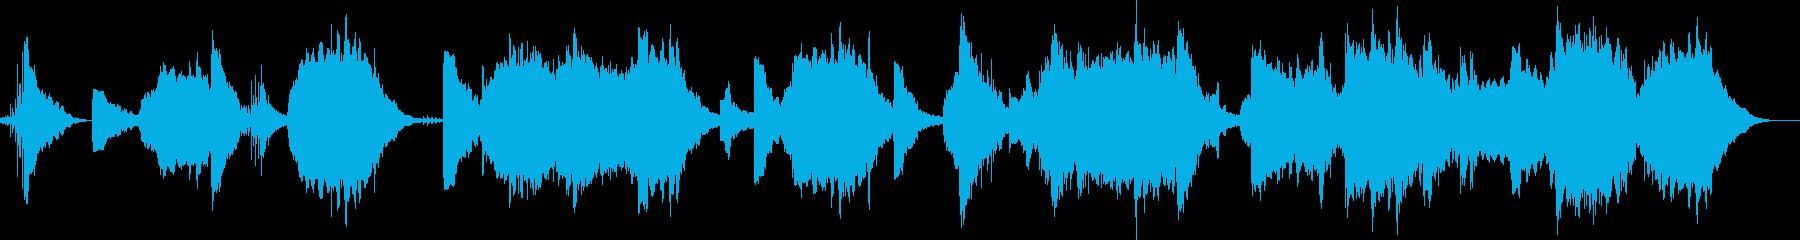 怖い太鼓や低音、1分以上。オープニングにの再生済みの波形